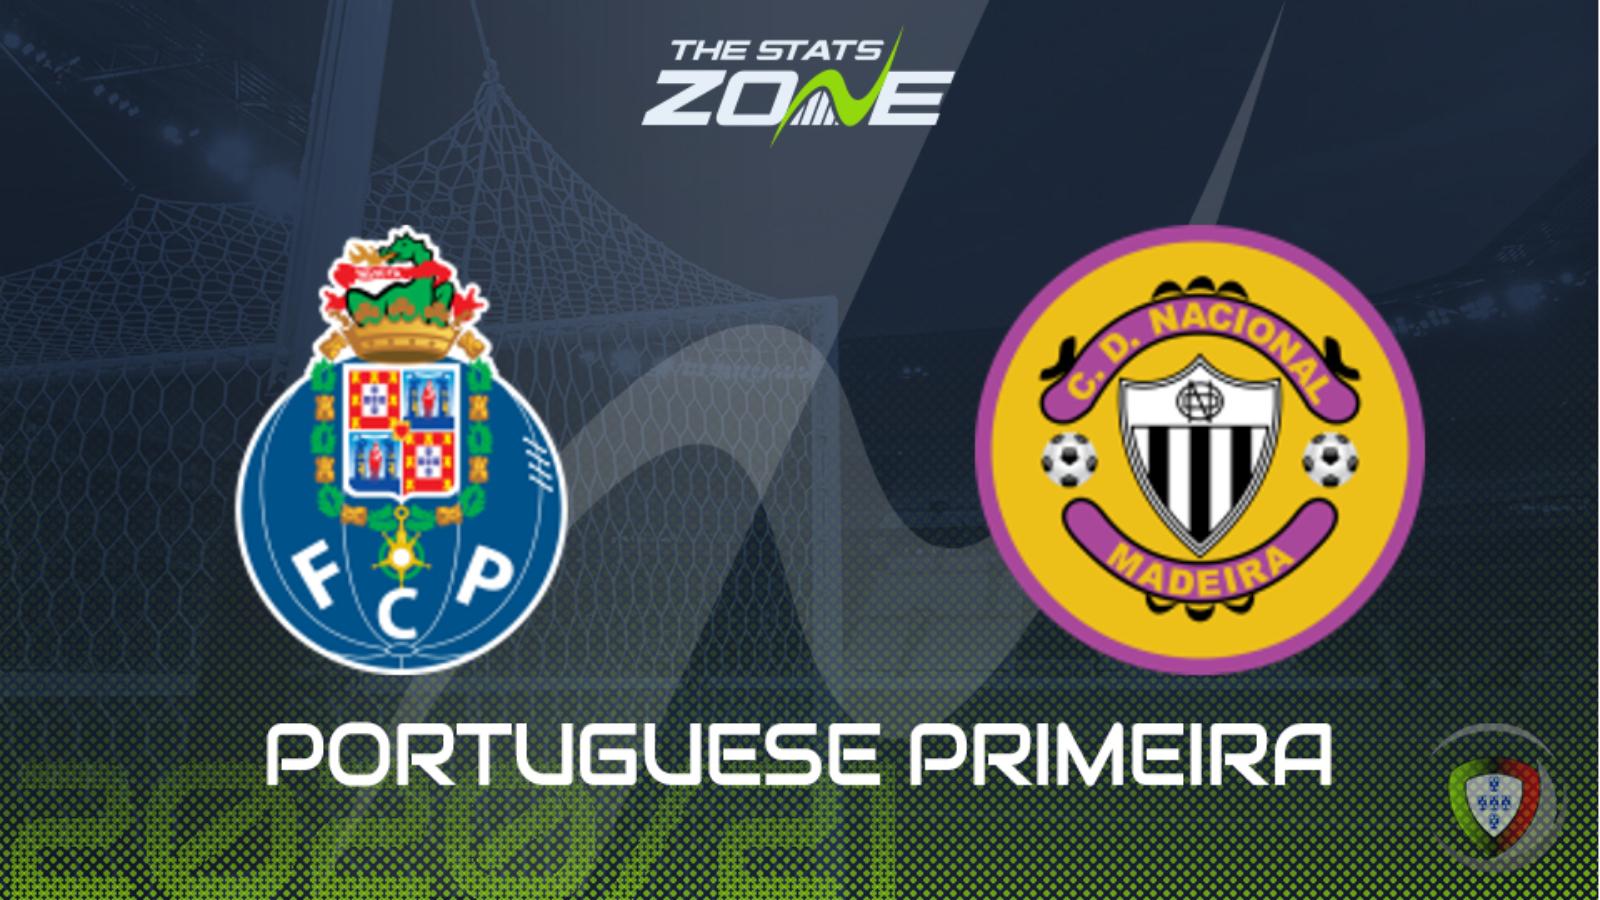 2020-21 Portuguese Primeira Liga - FC Porto vs Nacional Preview & Prediction - The Stats Zone